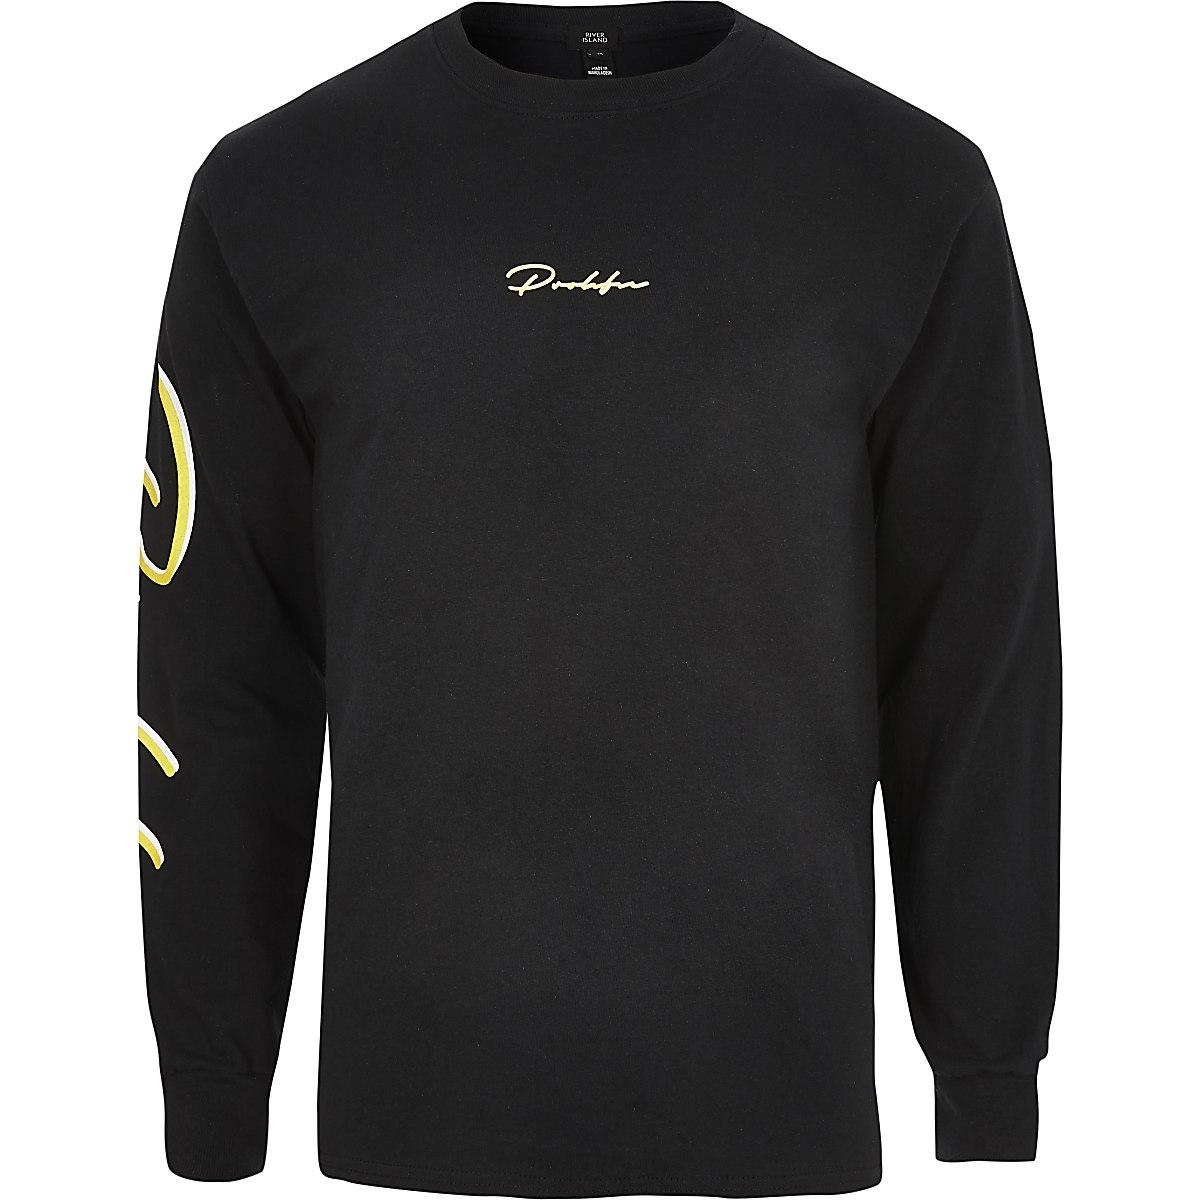 T-shirt « Prolific » noir à manches longues